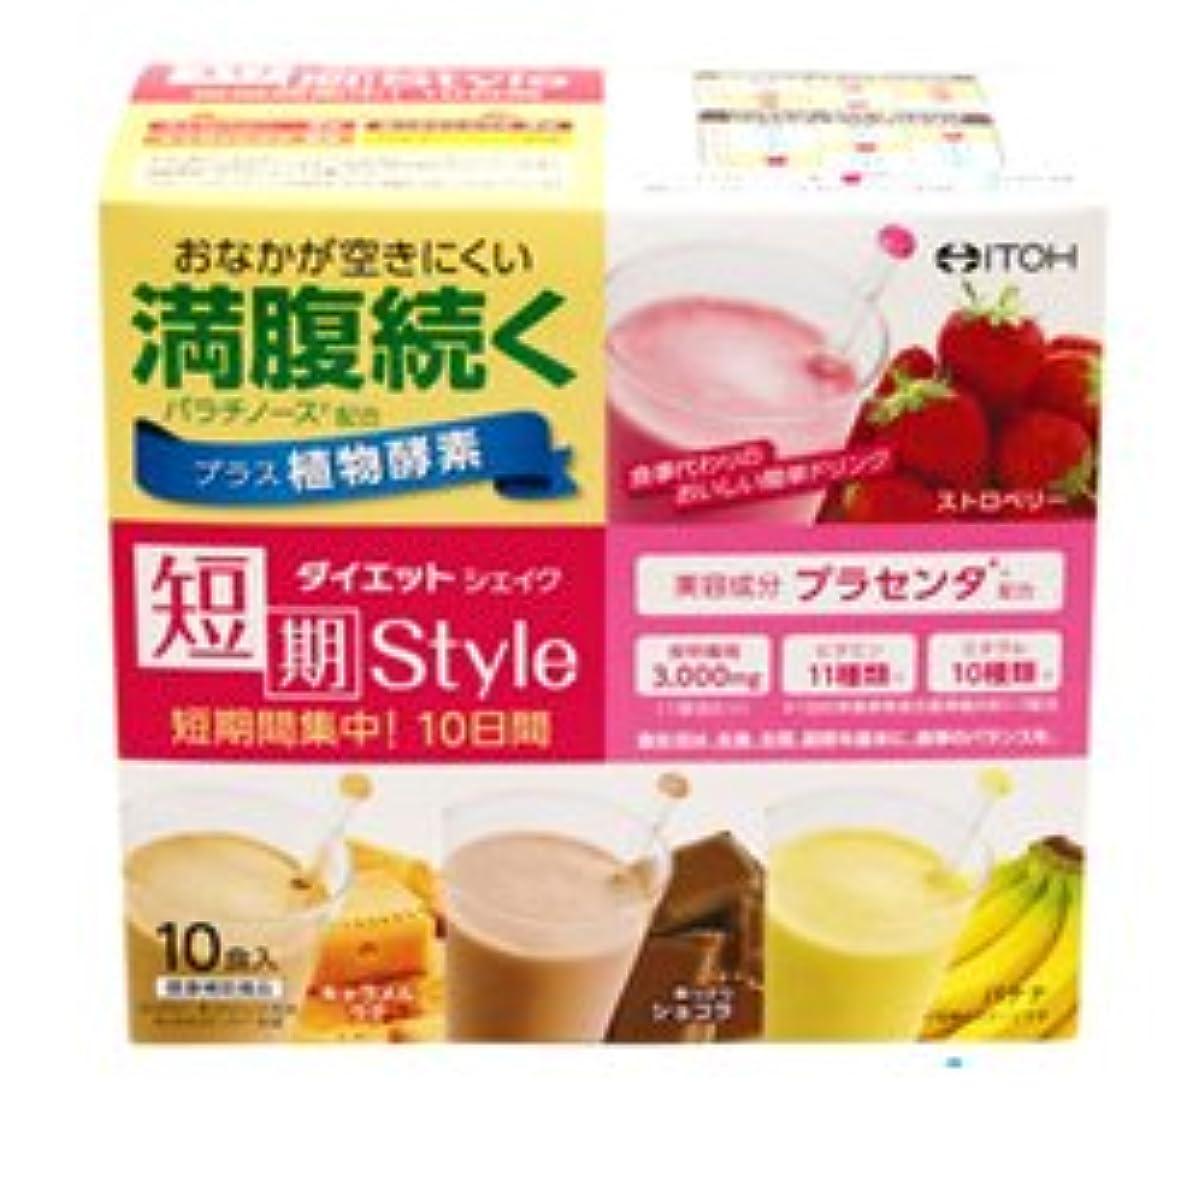 レモン北西有名な【井藤漢方製薬】短期スタイル ダイエットシェイク 10包 ×3個セット